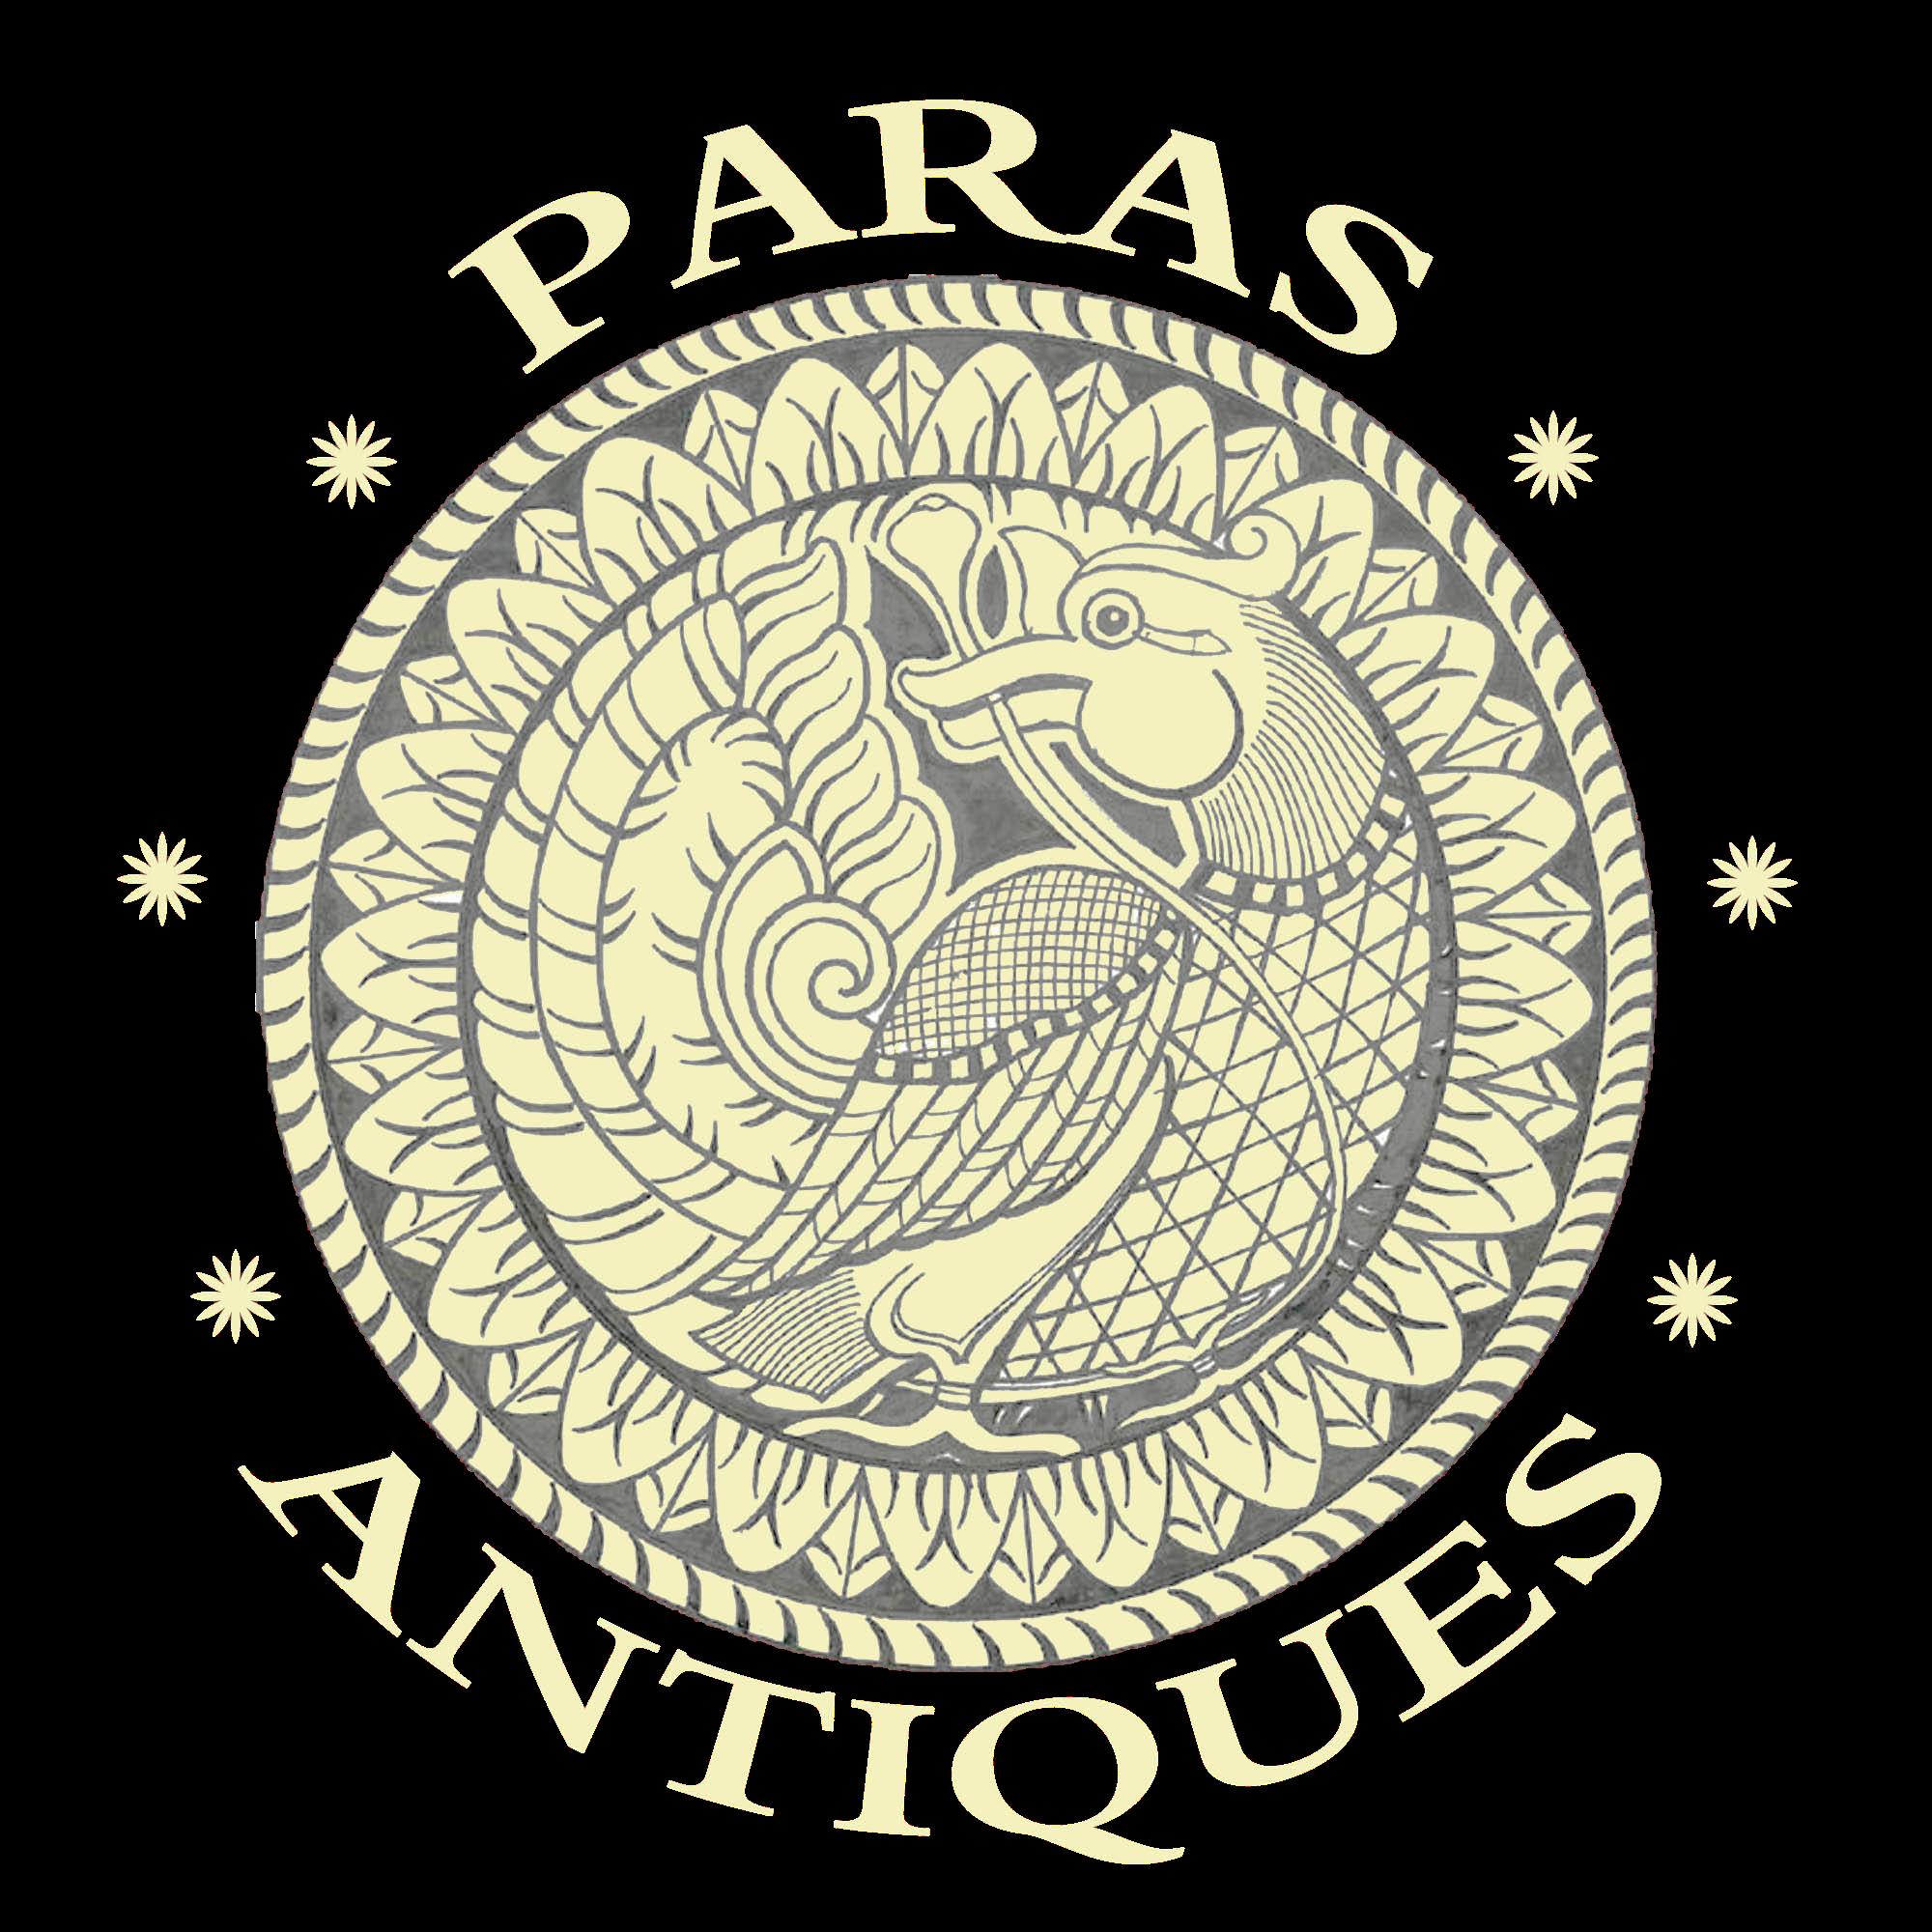 Paras Antiques